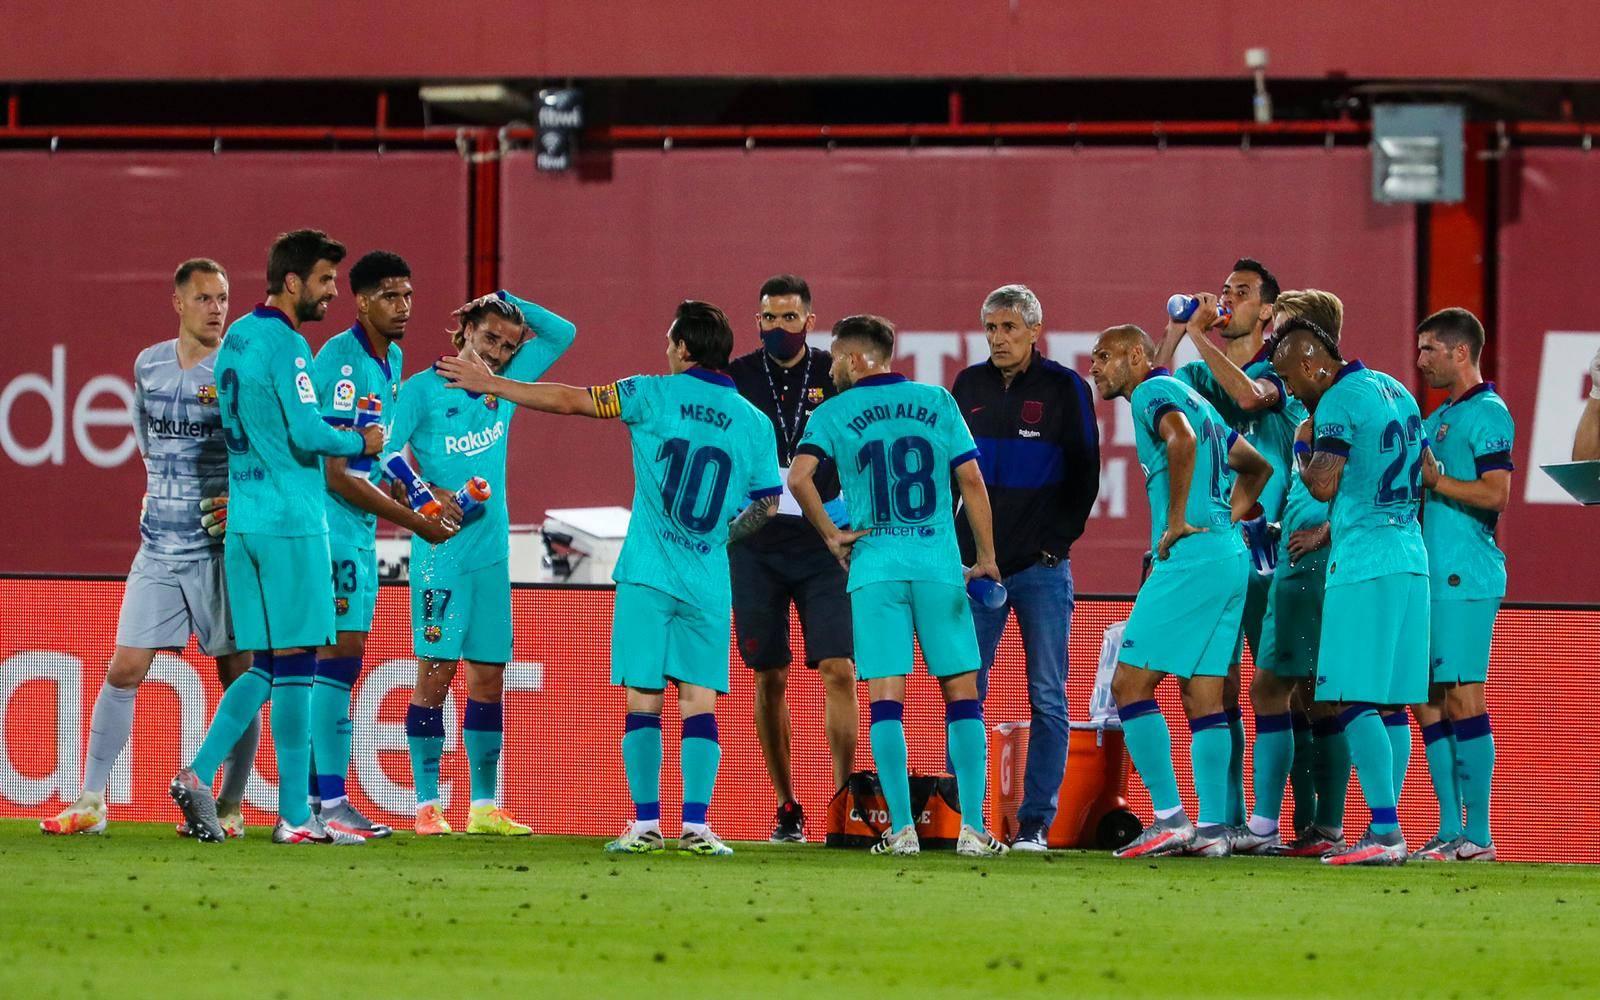 برشلونة,تشكيلة برشلونة,تشكيلة برشلونة الرسمية,تشكيلة برشلونة 2020,تشكيلة برشلونة الرسمية ضد ليجانيس,اخبار برشلونة,برشلونة اليوم,تشكيلة برشلونة اليوم,تشكيلة برشلونة التاريخية,تشكيلة برشلونة المثالية لموسم,تشكيلة برشلونة,تشكيلة برشلونة 2020,تشكيلة برشلونة موسم 2021,تشكيلة برشلونة جديدة,ما هي تشكيلة برشلونة 2020